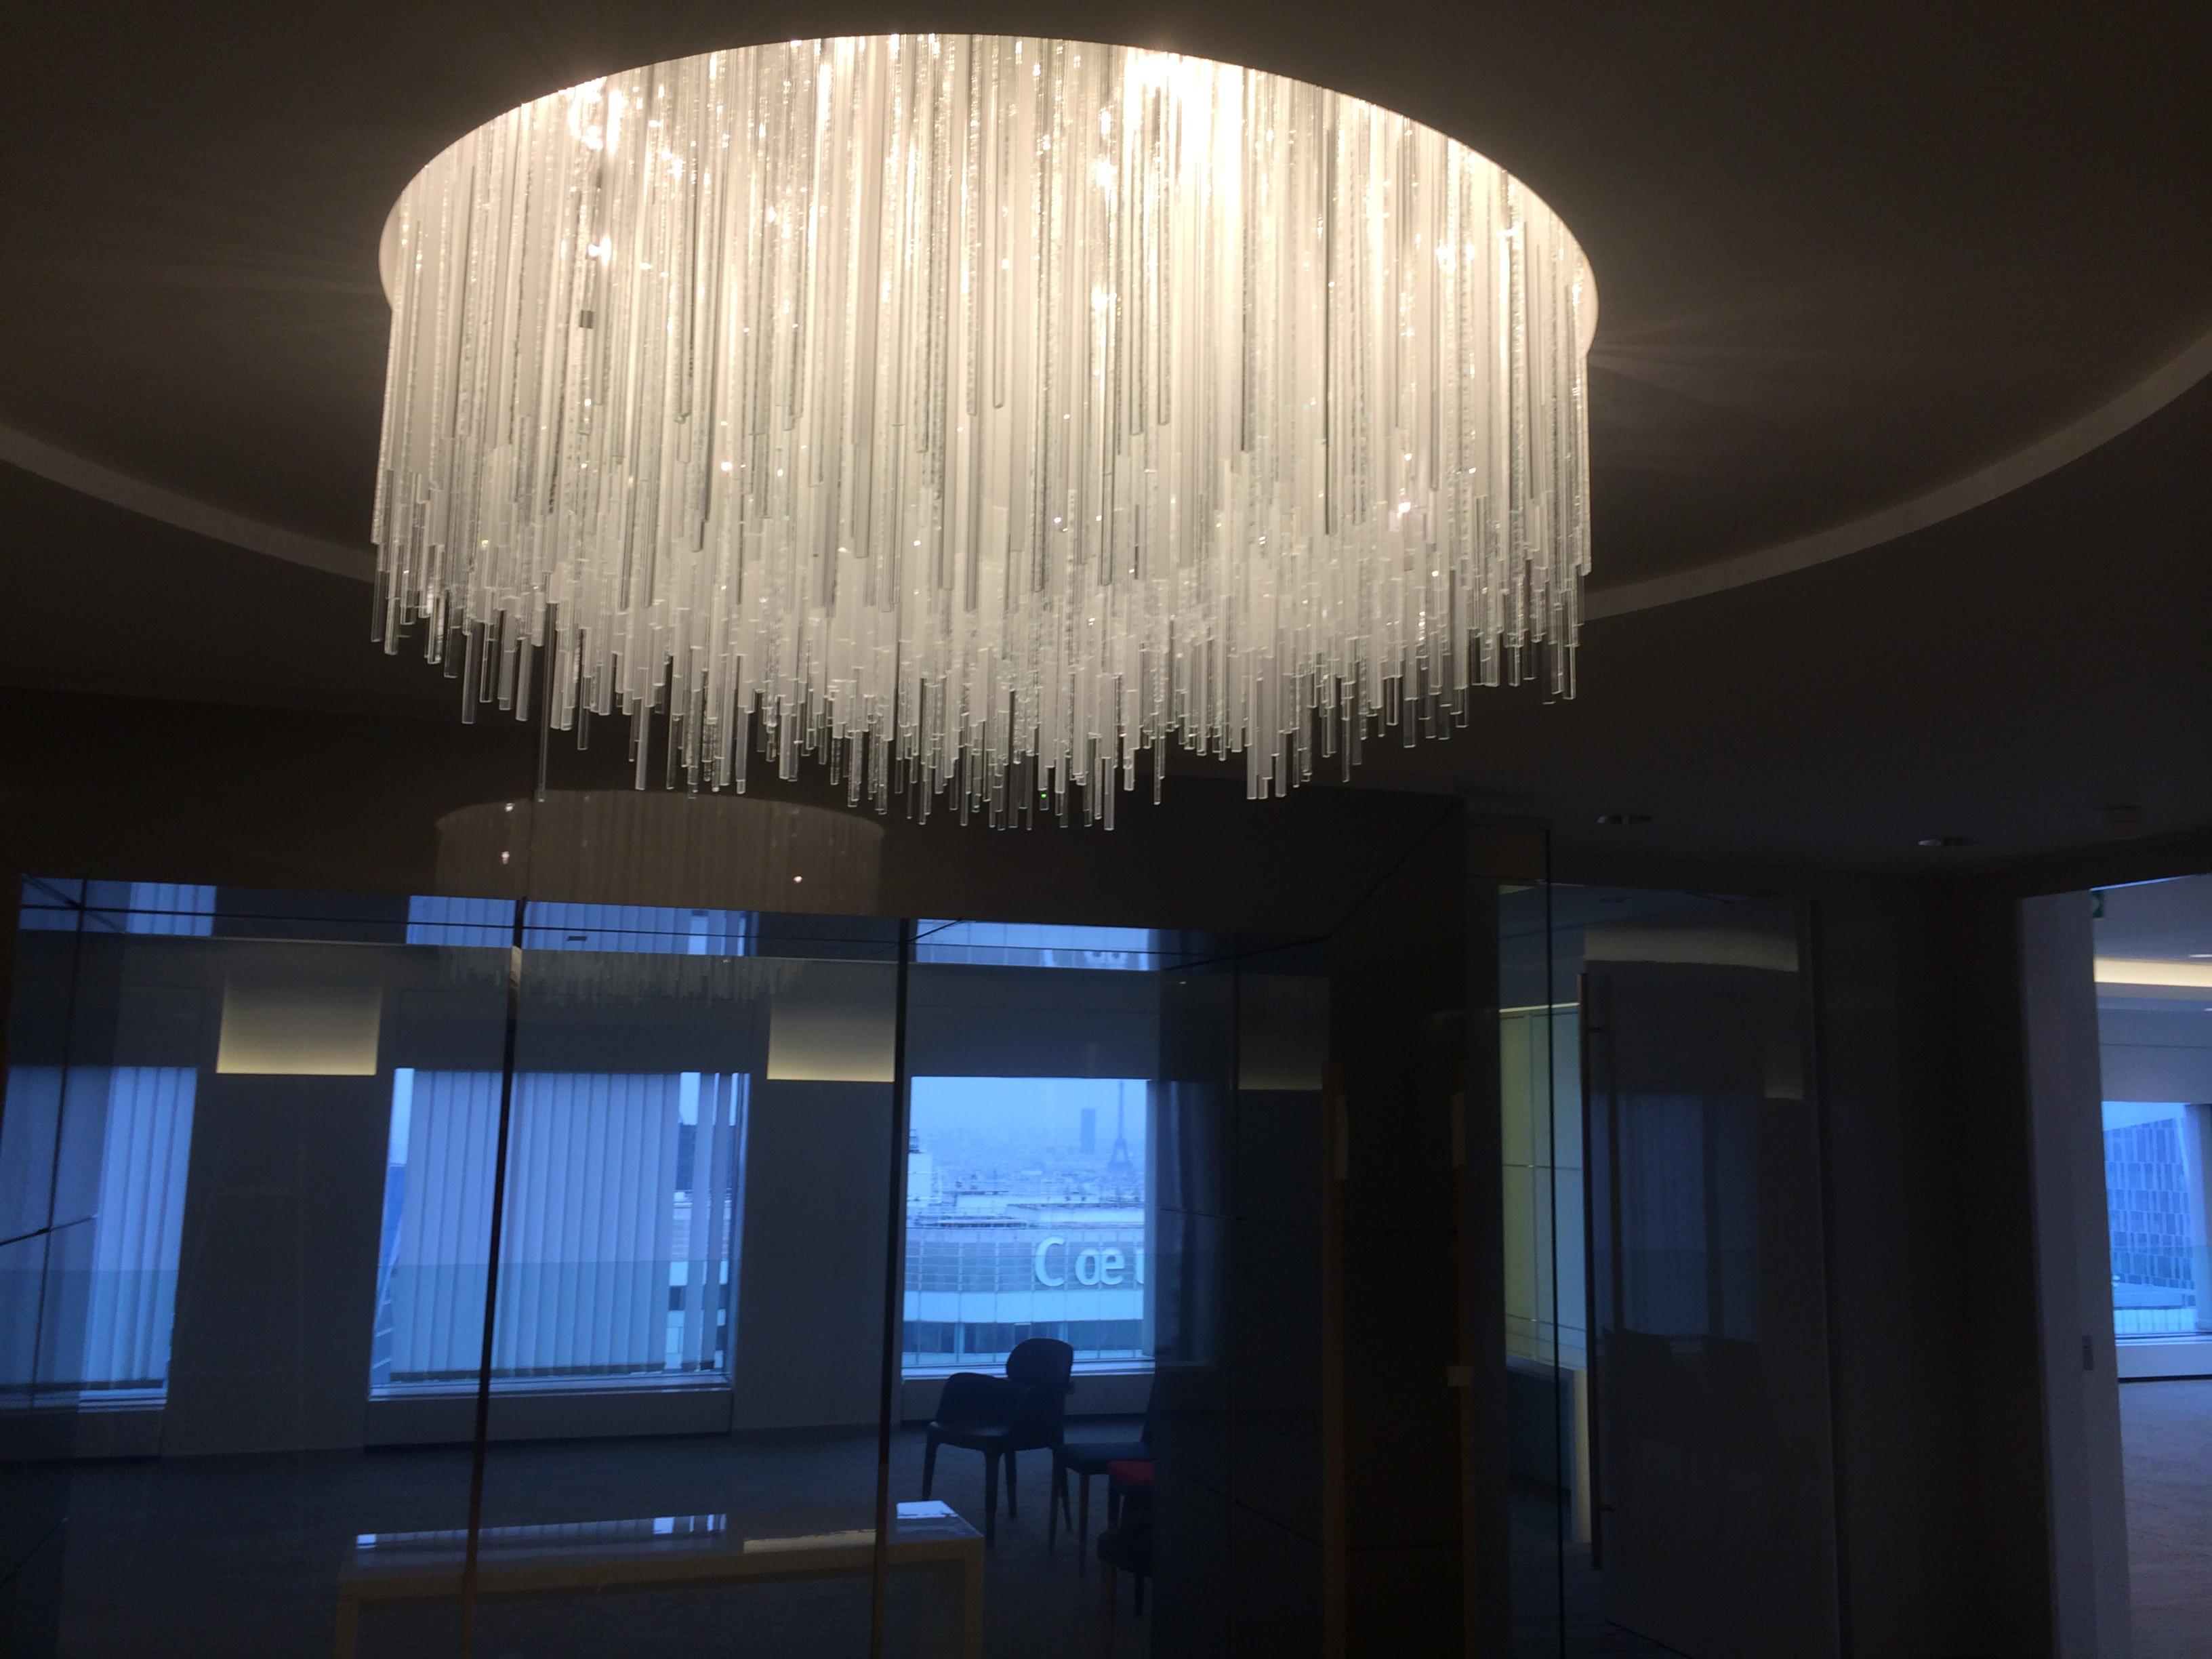 Lustres et luminaires fabriqués à partir de verre recyclé transparent